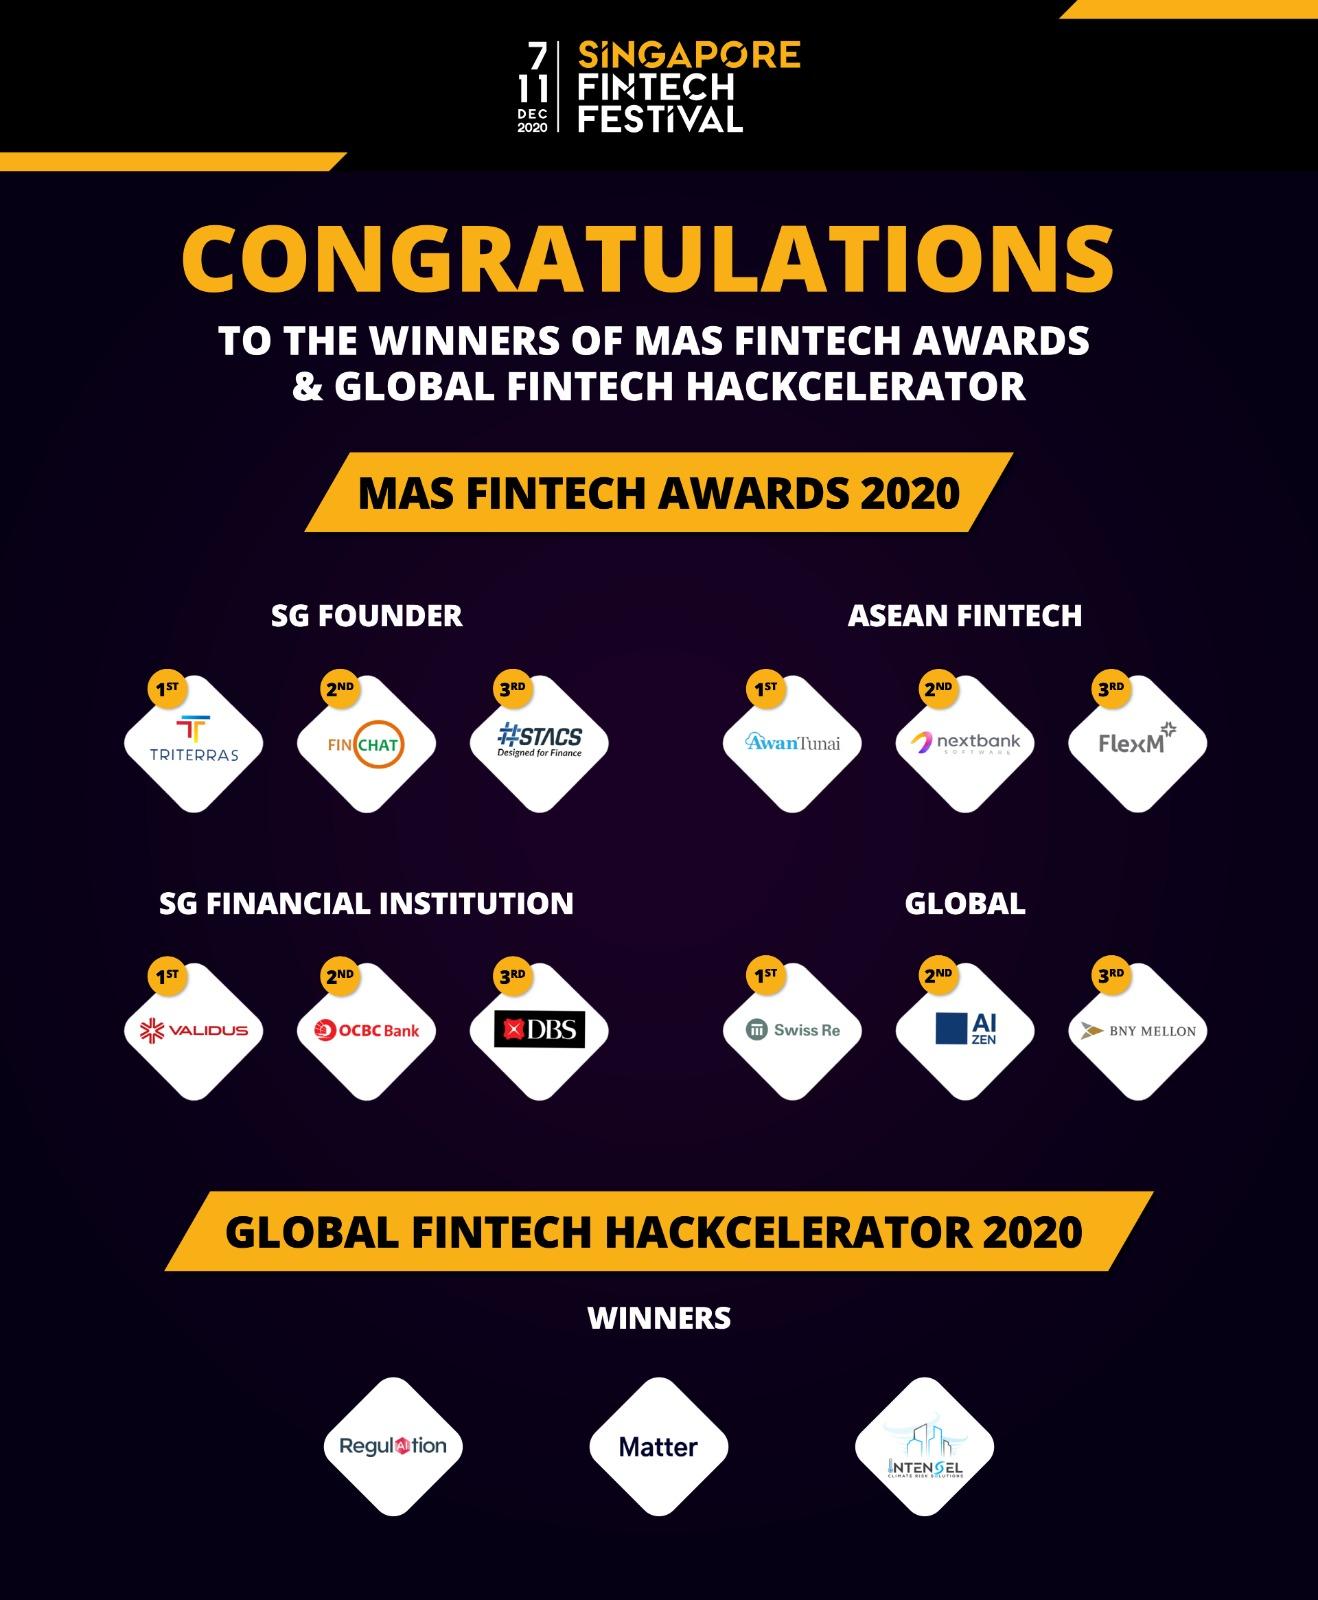 Winners of 2020 MAS Fintech Awards and Global Fintech Hackcelerator, @sgfintechfest, via Twitter